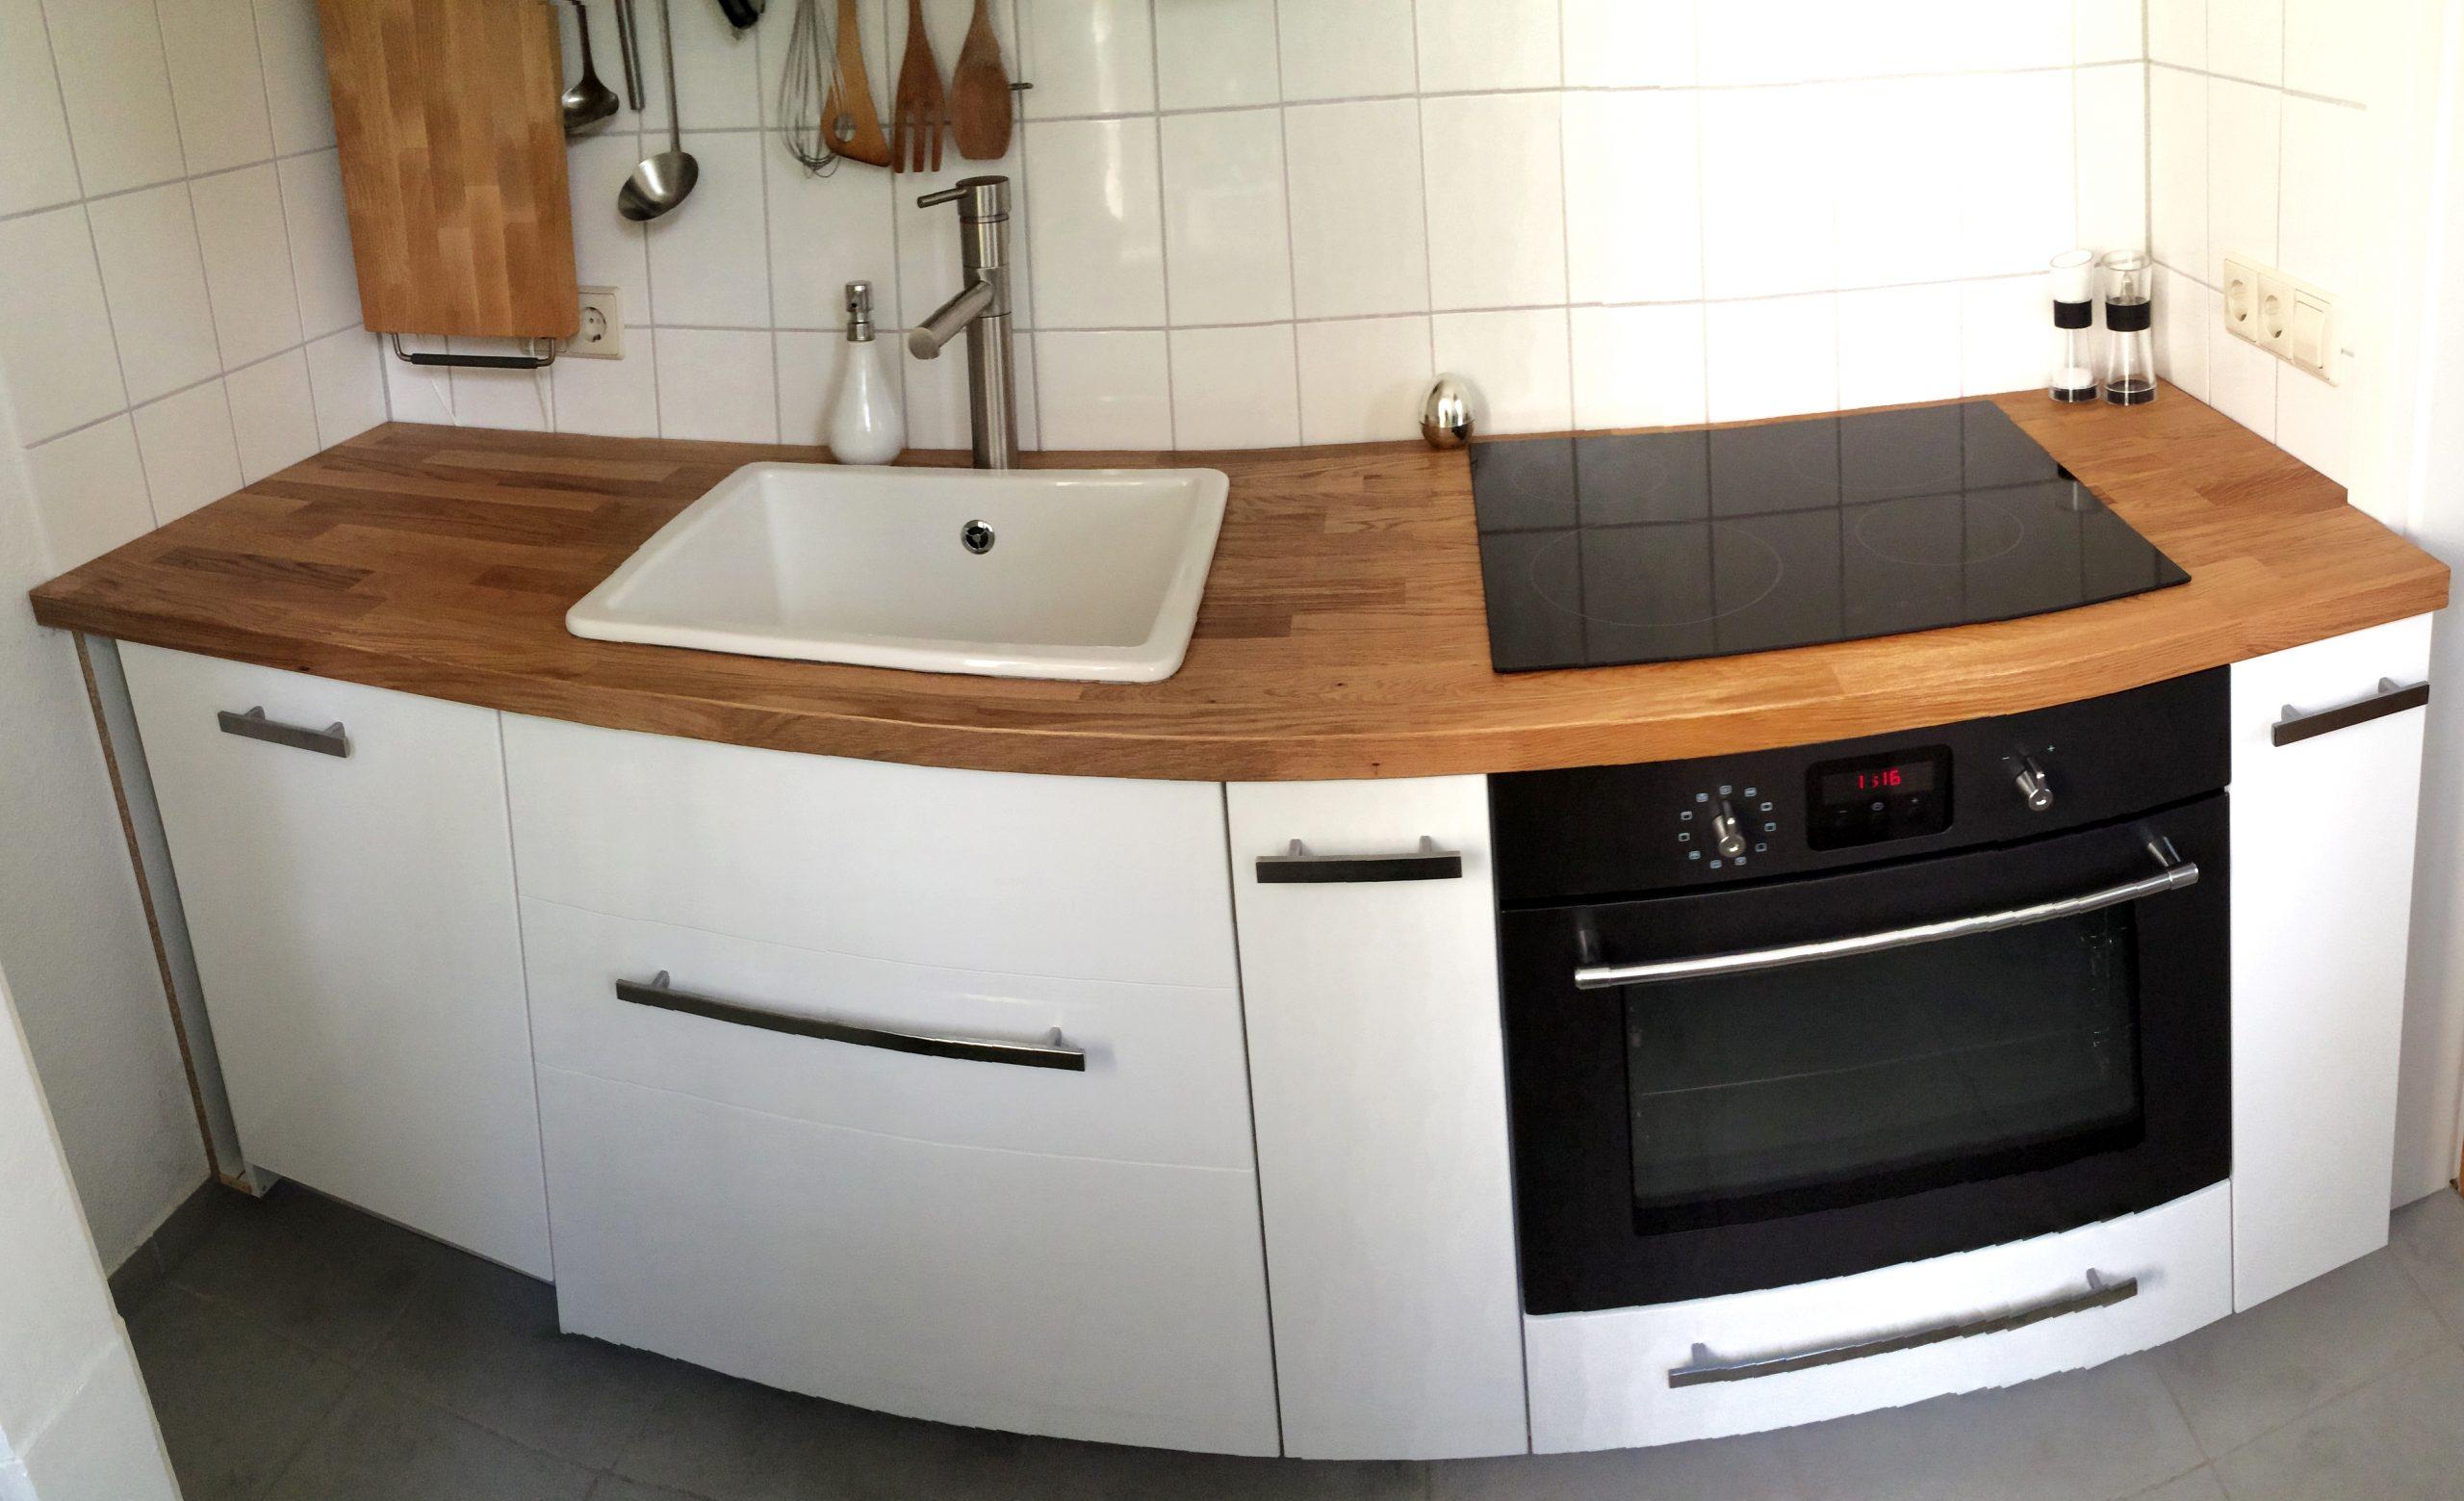 Full Size of Küche Bauen Unsere Erste Ikea Kche Moderne Magazin Günstig Mit Elektrogeräten Eckunterschrank Billig Rosa Modulküche Holz Einrichten Beistelltisch Küche Küche Bauen